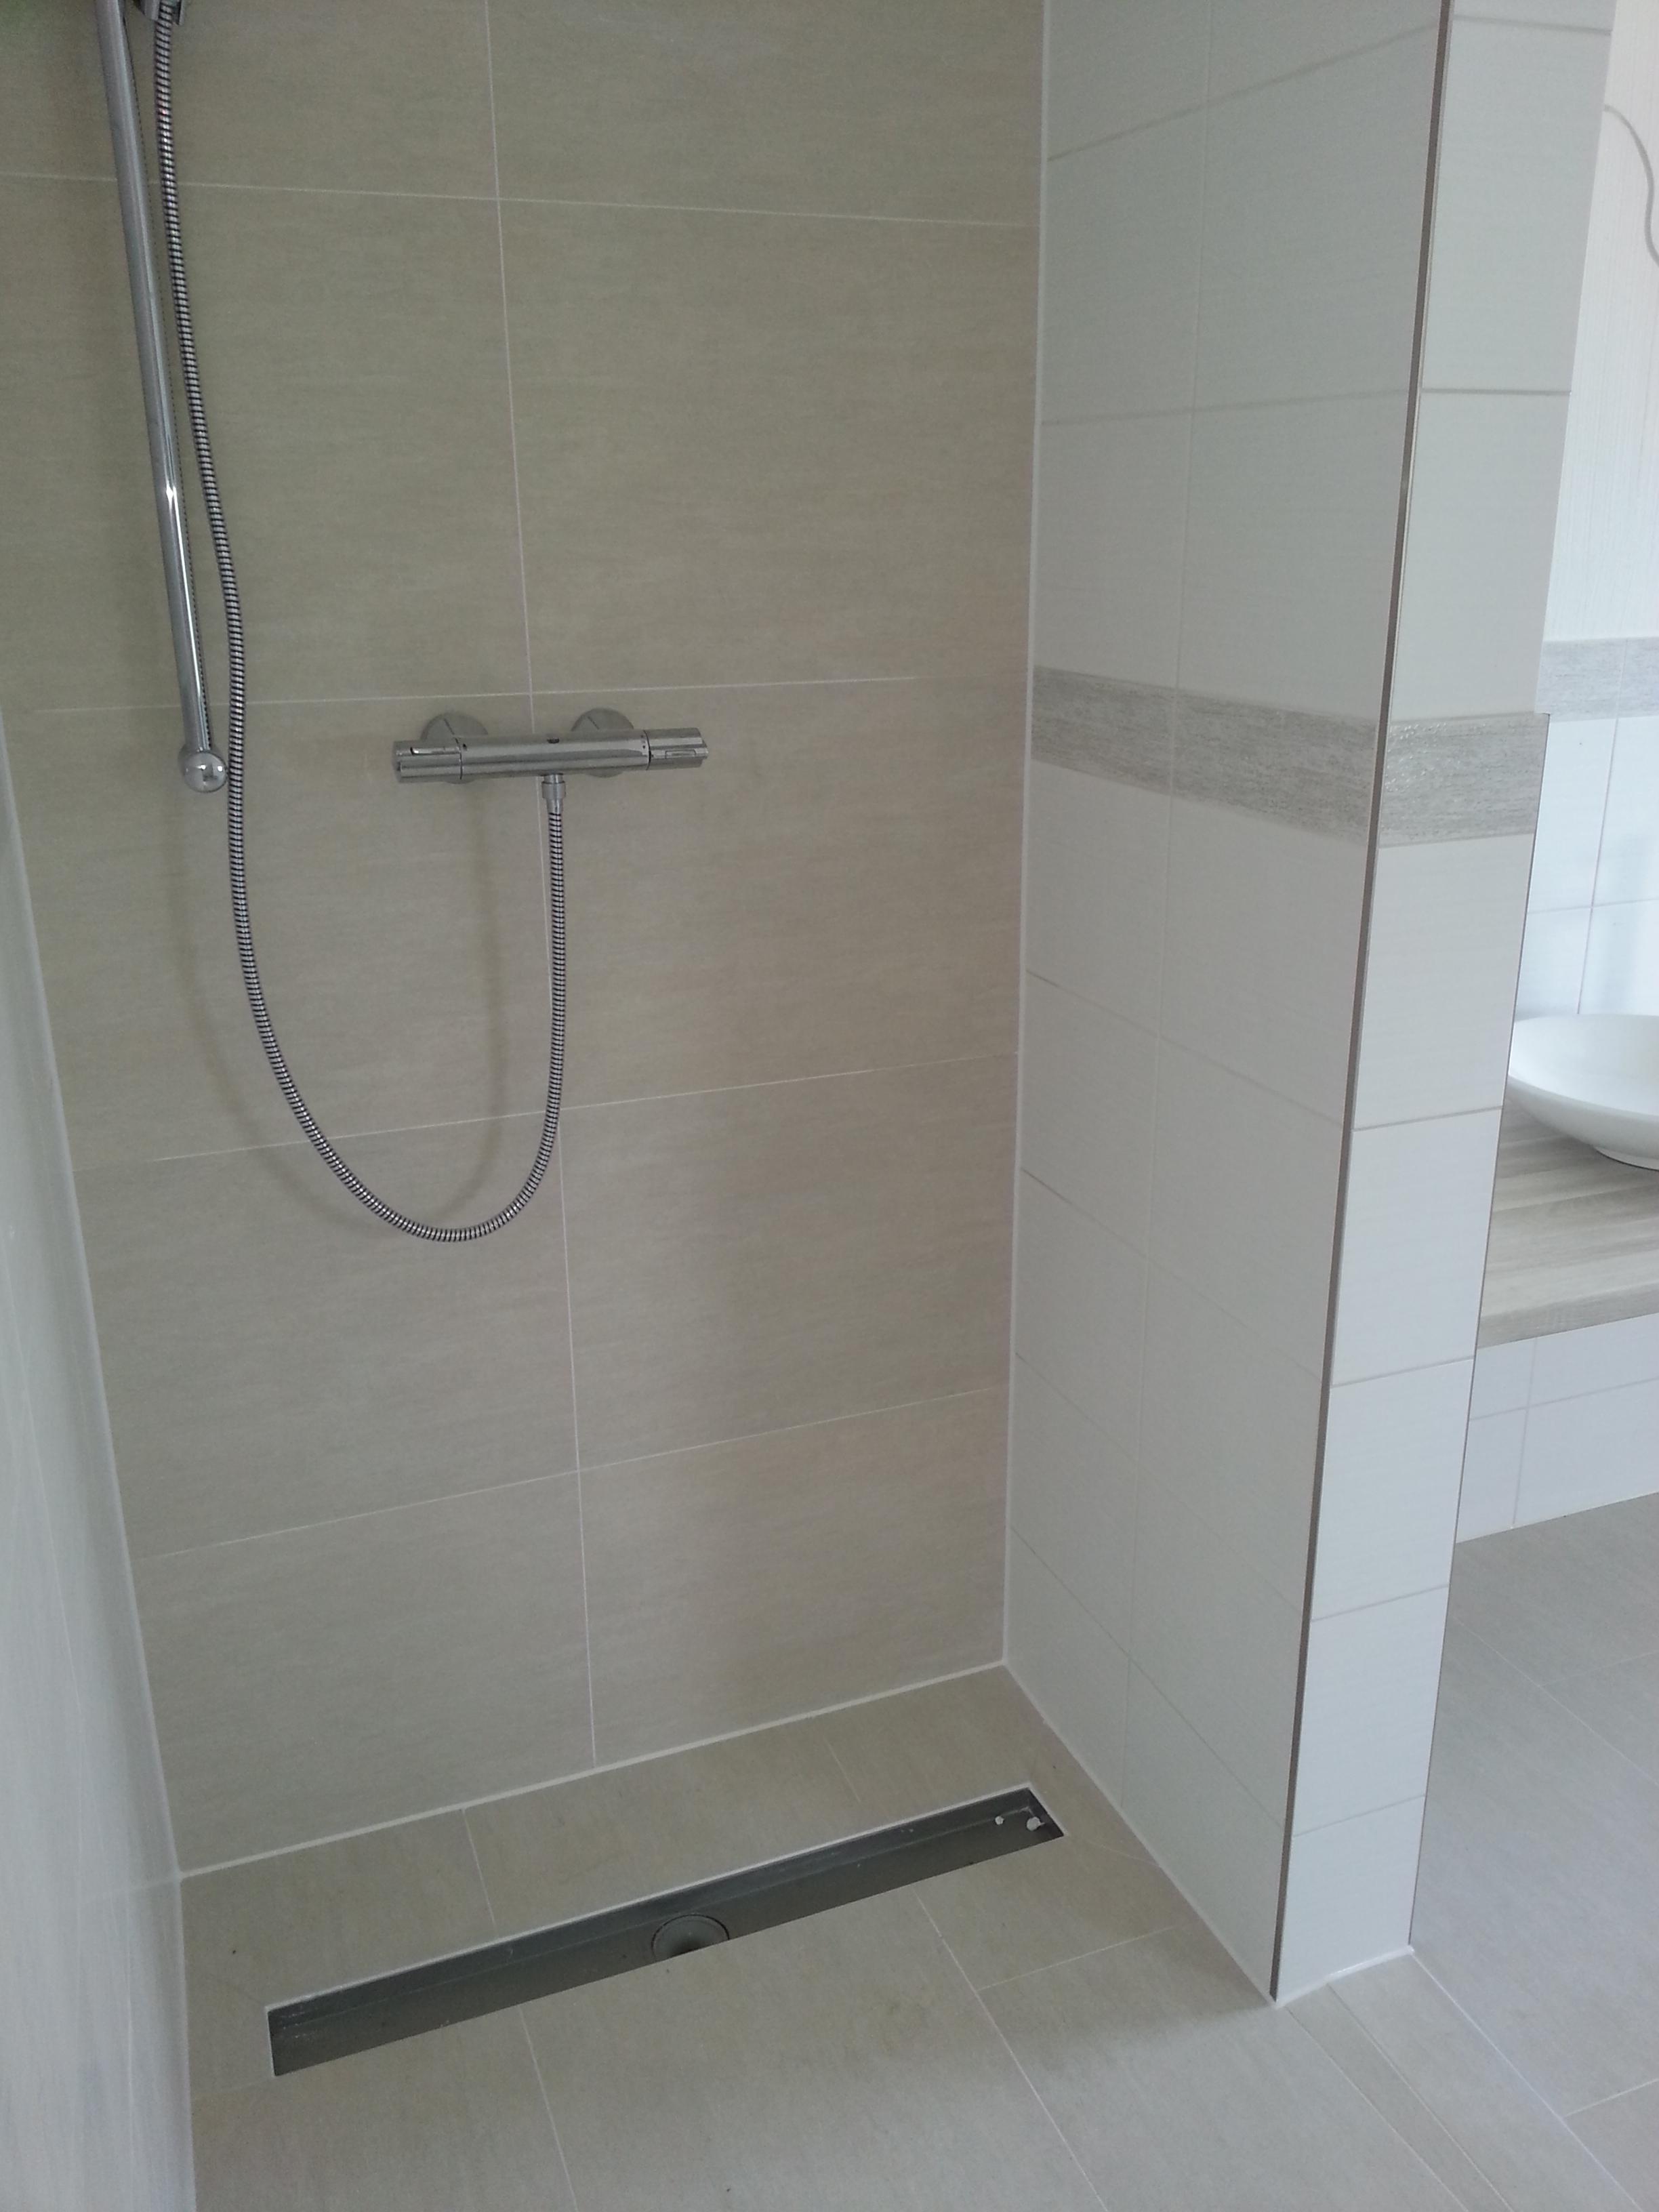 Badkamer en toilet betegelen inloopdouche afschot - Fotos italiaanse douche ontwerp ...